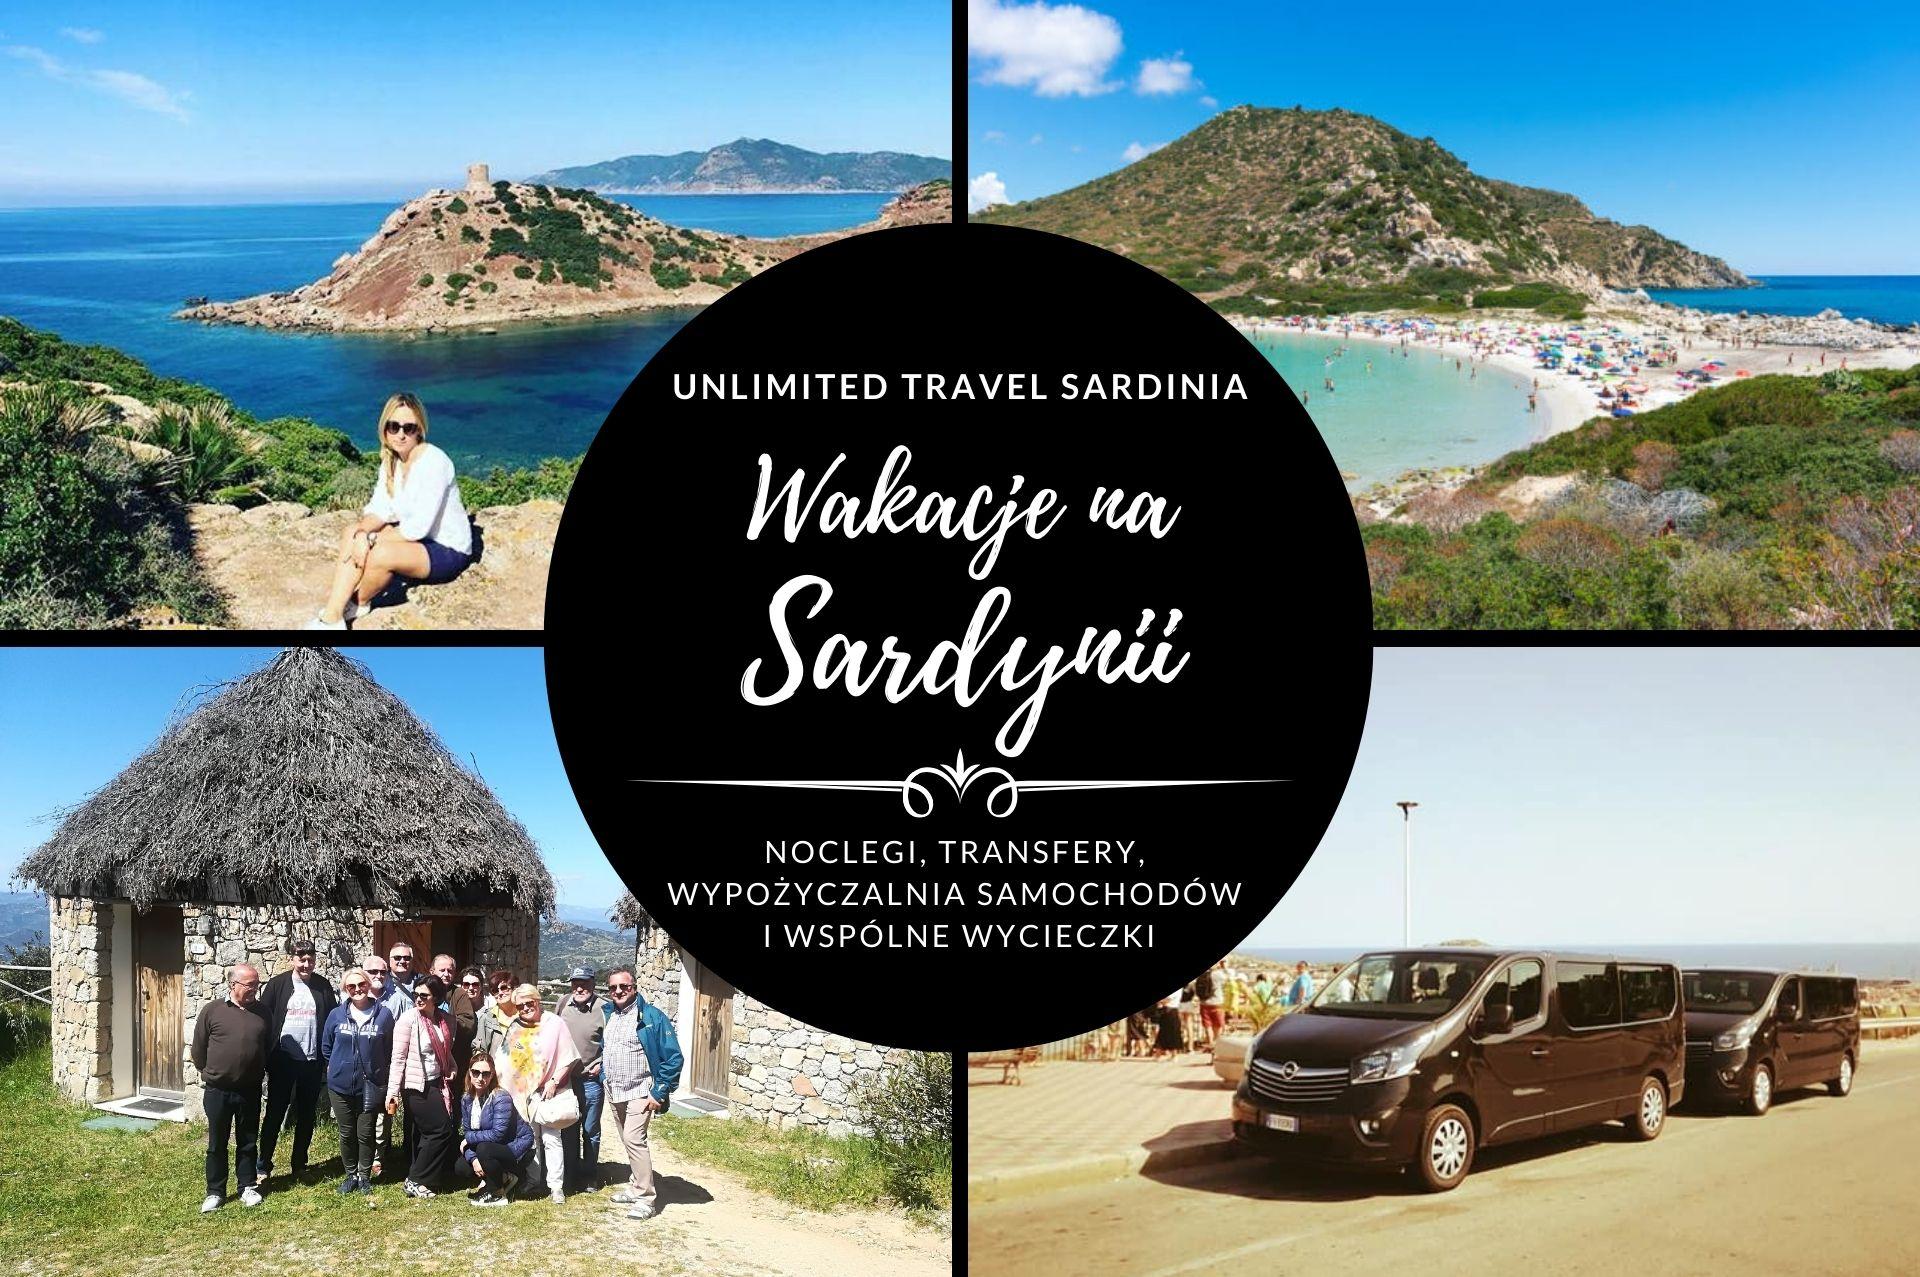 Wakacje na Sardynii z polskim przewodnikiem – noclegi, transfery, wypożyczalnia samochodów i wspólne wycieczki